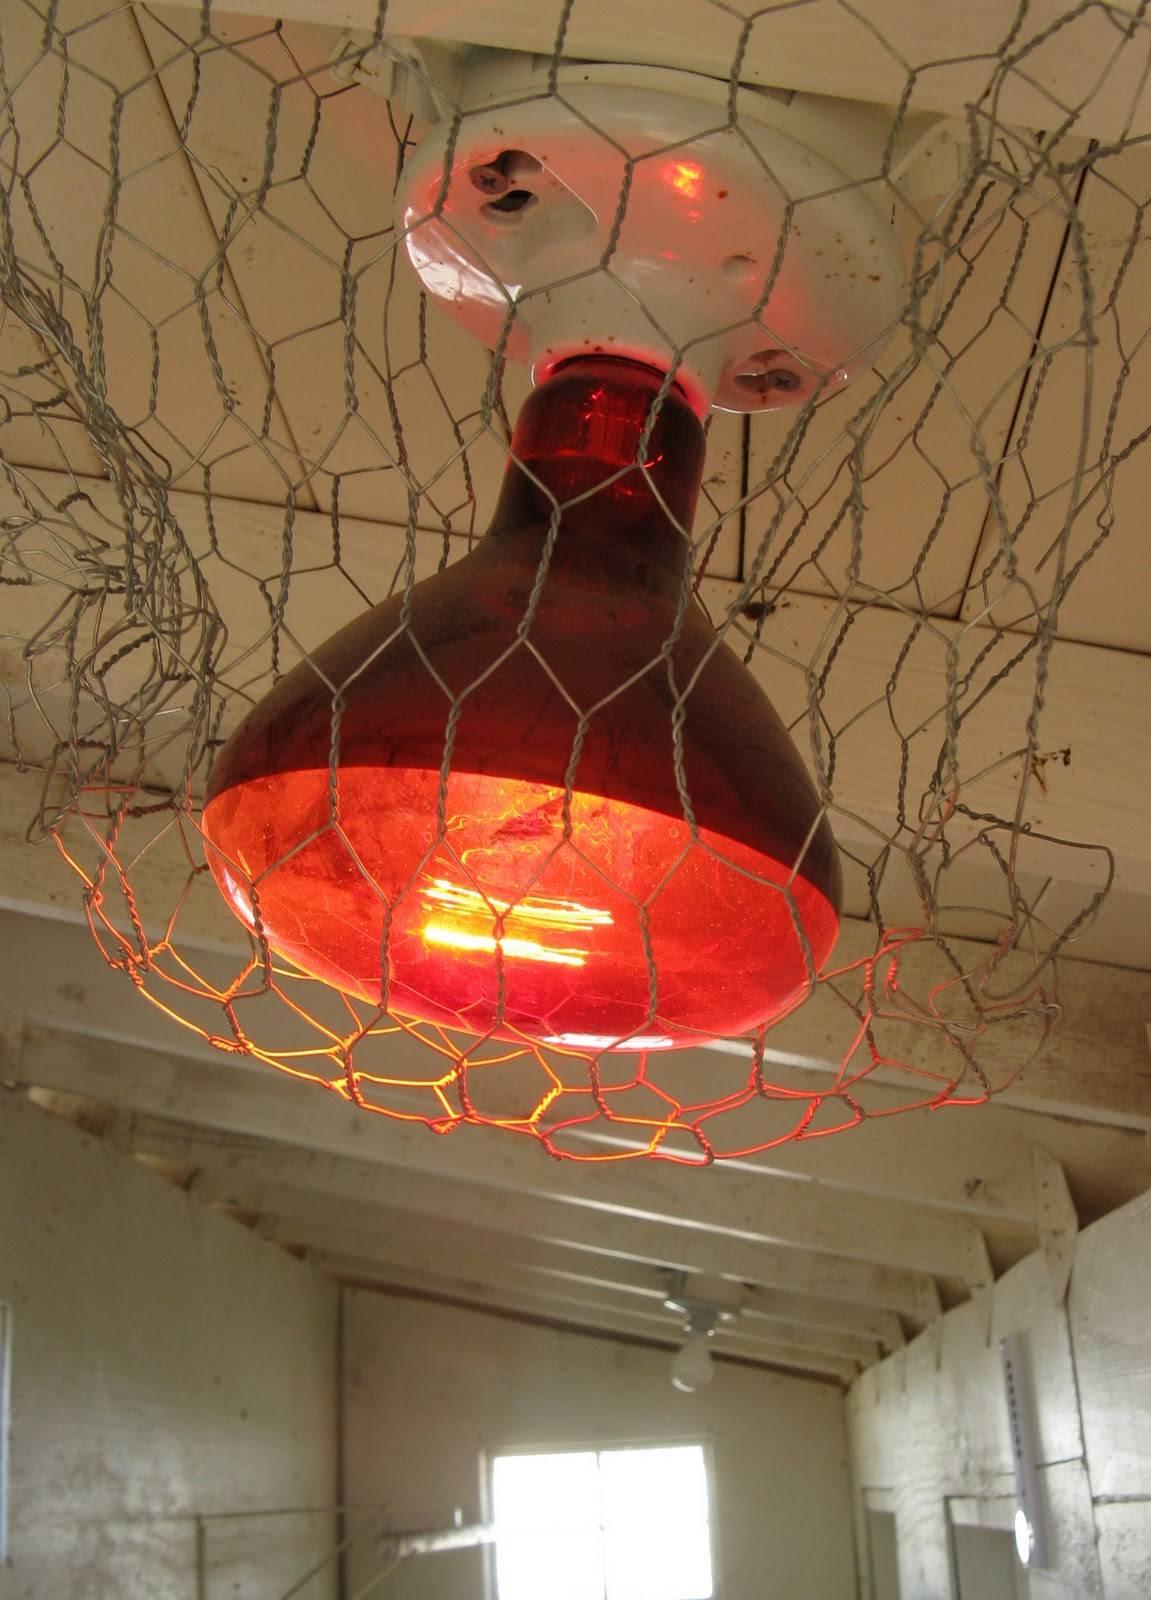 Обогрев курятника зимой: ик лампы, керамические